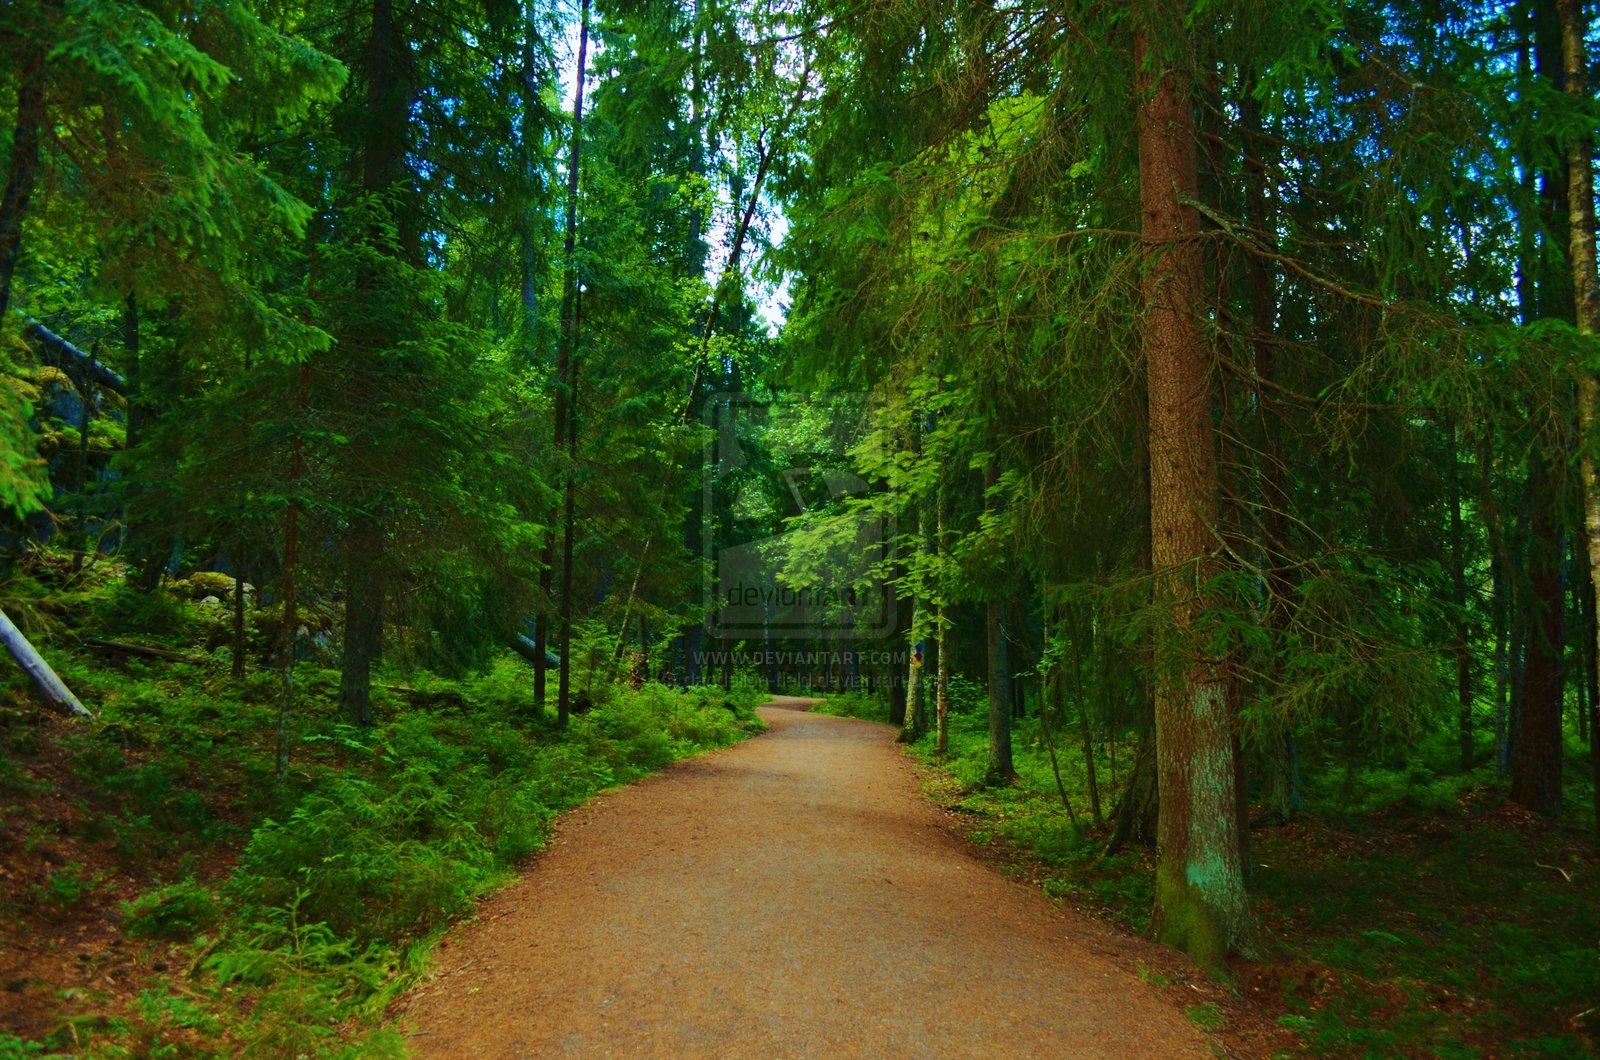 FunMozar – Forest Path